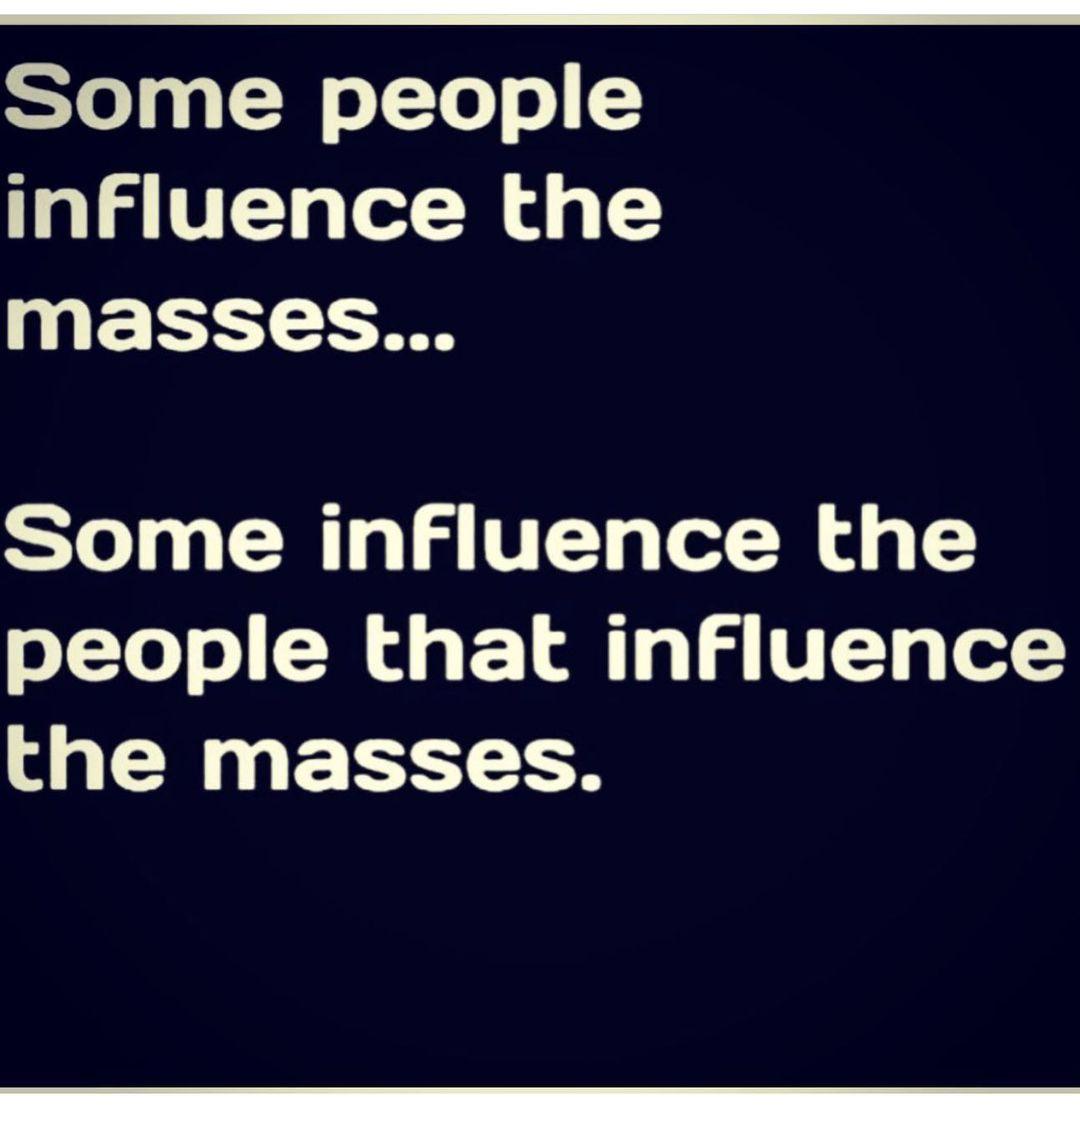 利拉德晒鸡汤:有些人影响大众,有些人影响了这些人